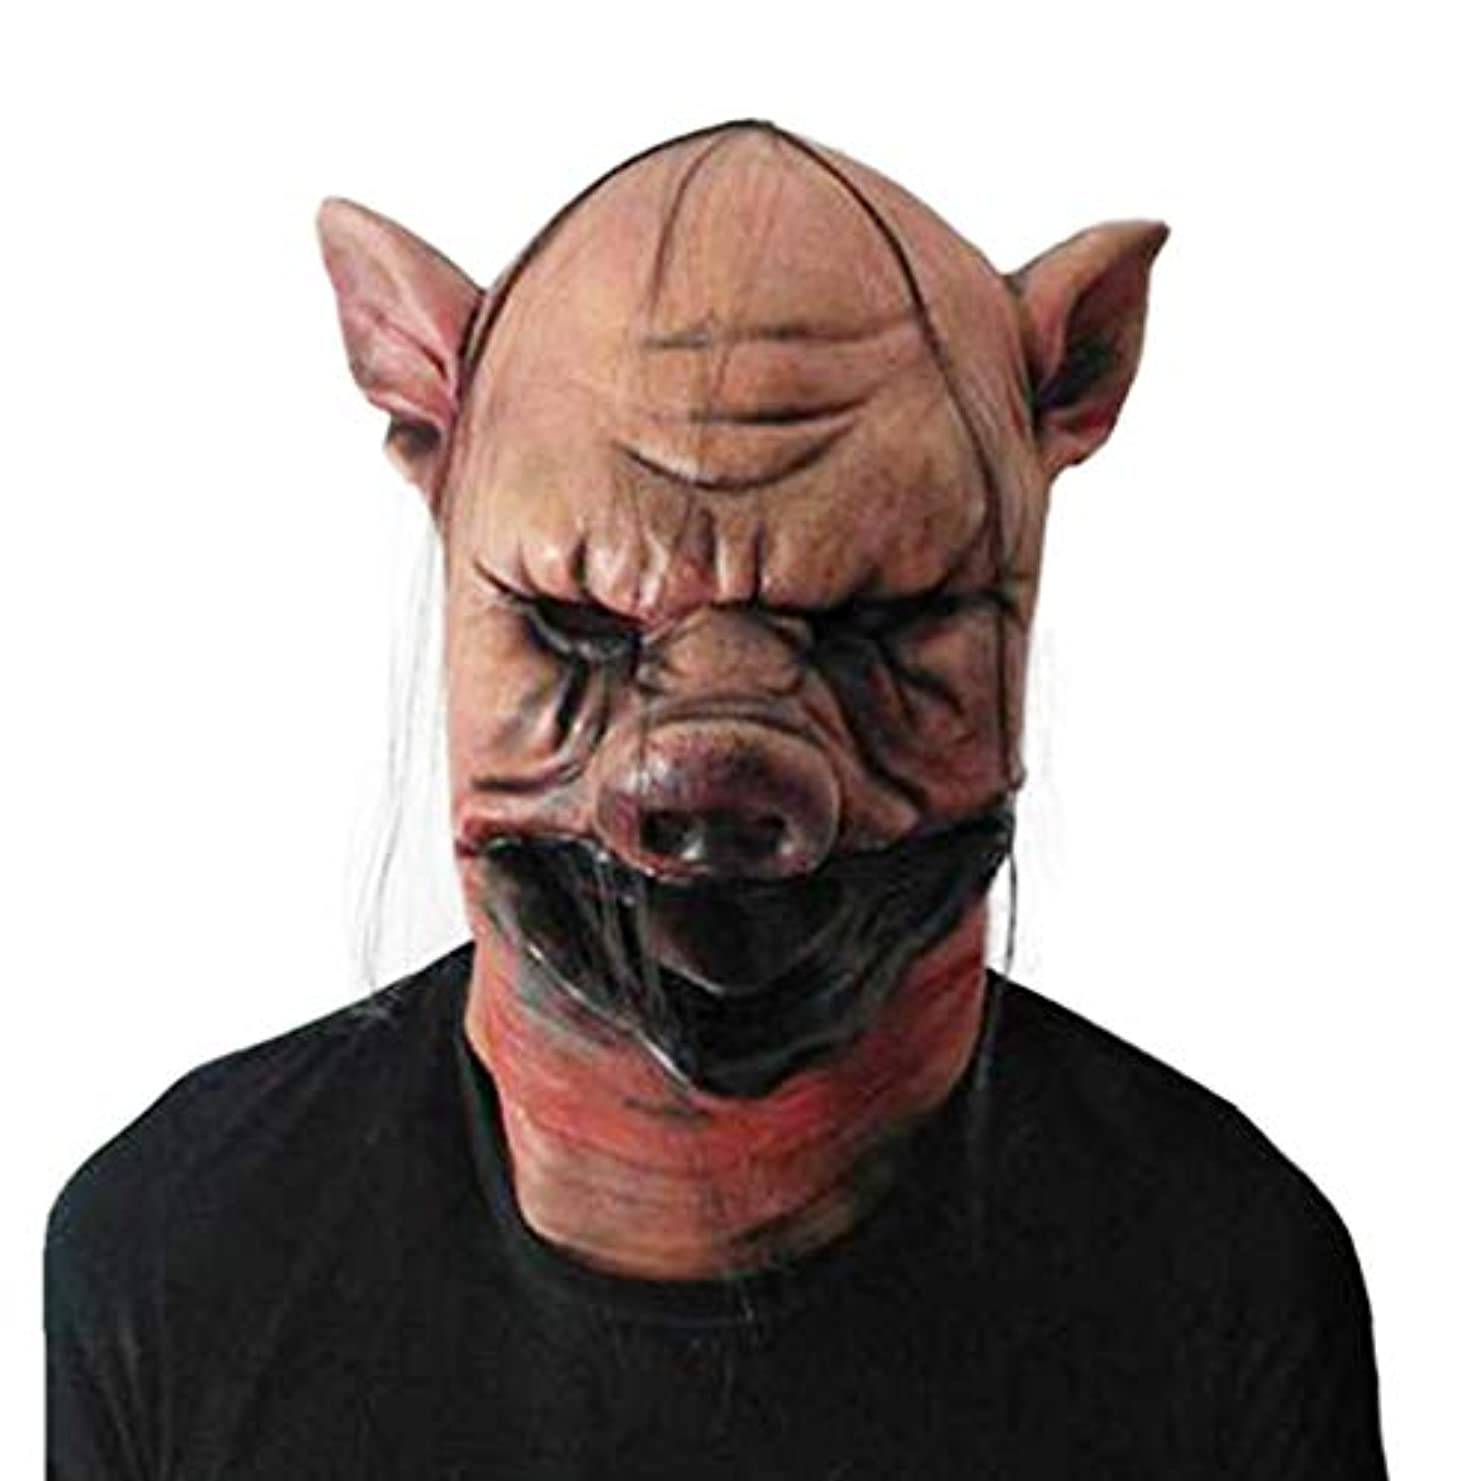 専門知識届ける壁紙ハロウィンホラー豚ヘッドマスクコスプレハロウィンメイクアップパーティーフェスティバルコスチュームマスカレードバーパーティーラテックス豚ヘッドギア